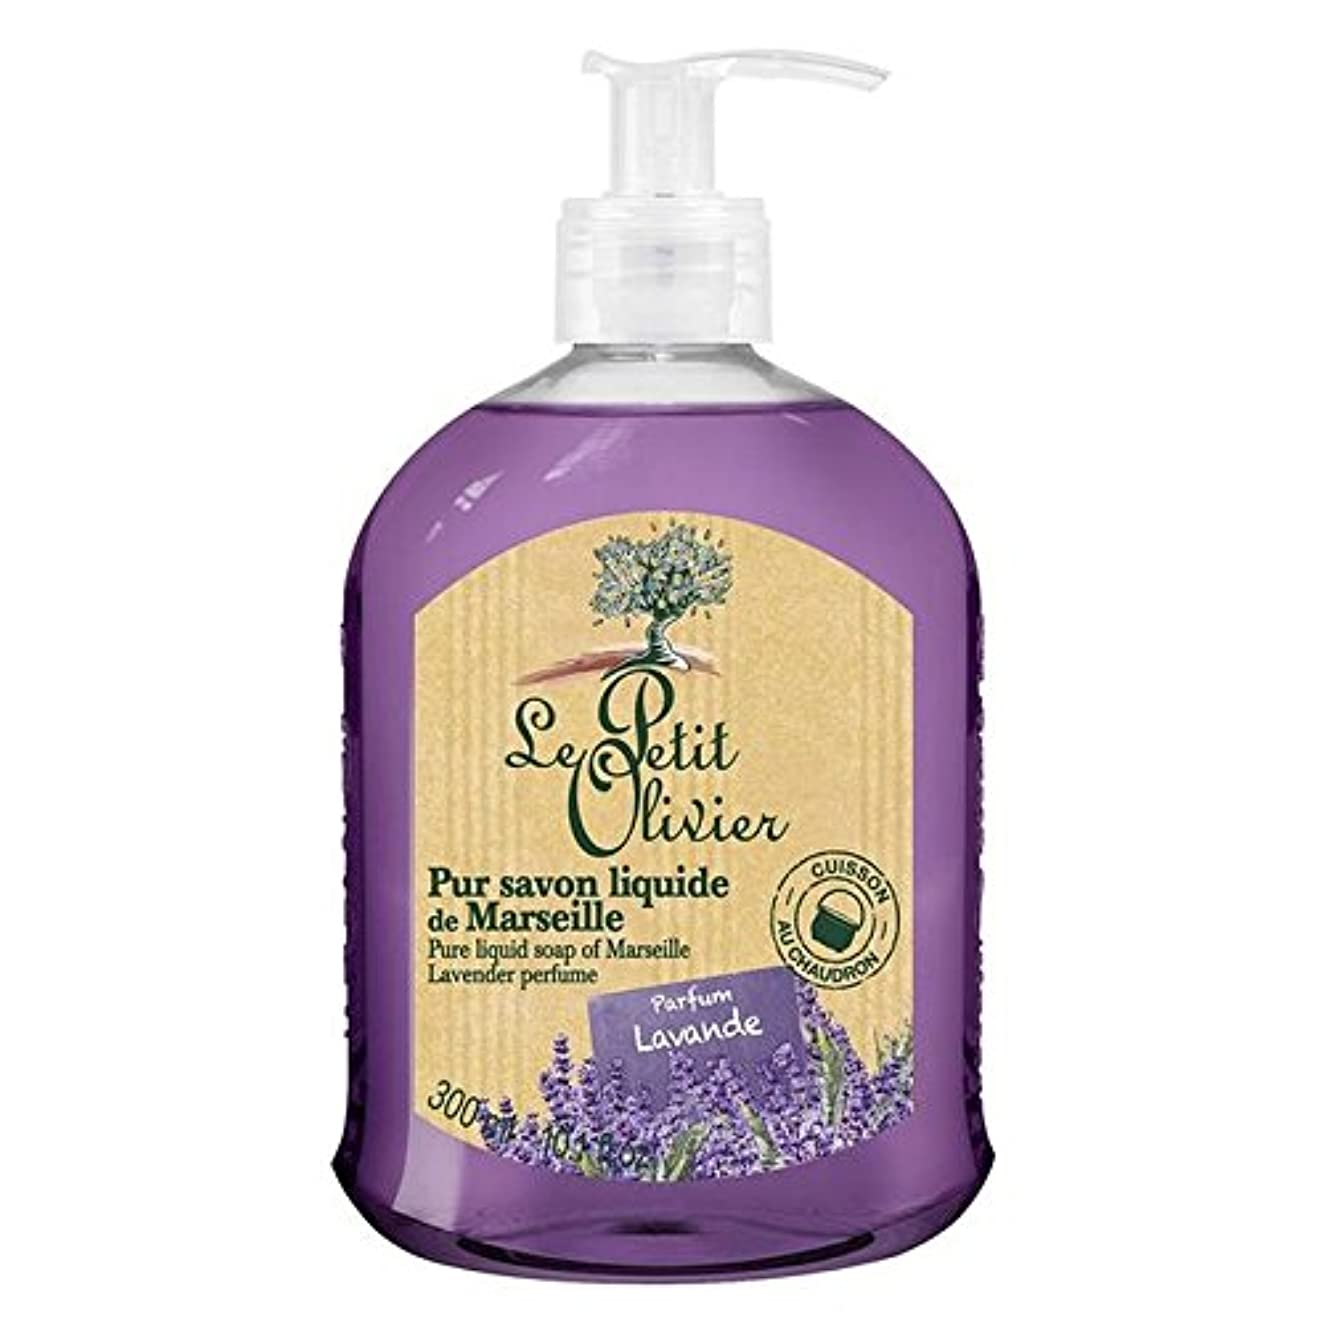 相対性理論歌詞有罪マルセイユのル?プティ?オリヴィエ純粋な液体石鹸、ラベンダー300ミリリットル x4 - Le Petit Olivier Pure Liquid Soap of Marseille, Lavender 300ml (Pack...